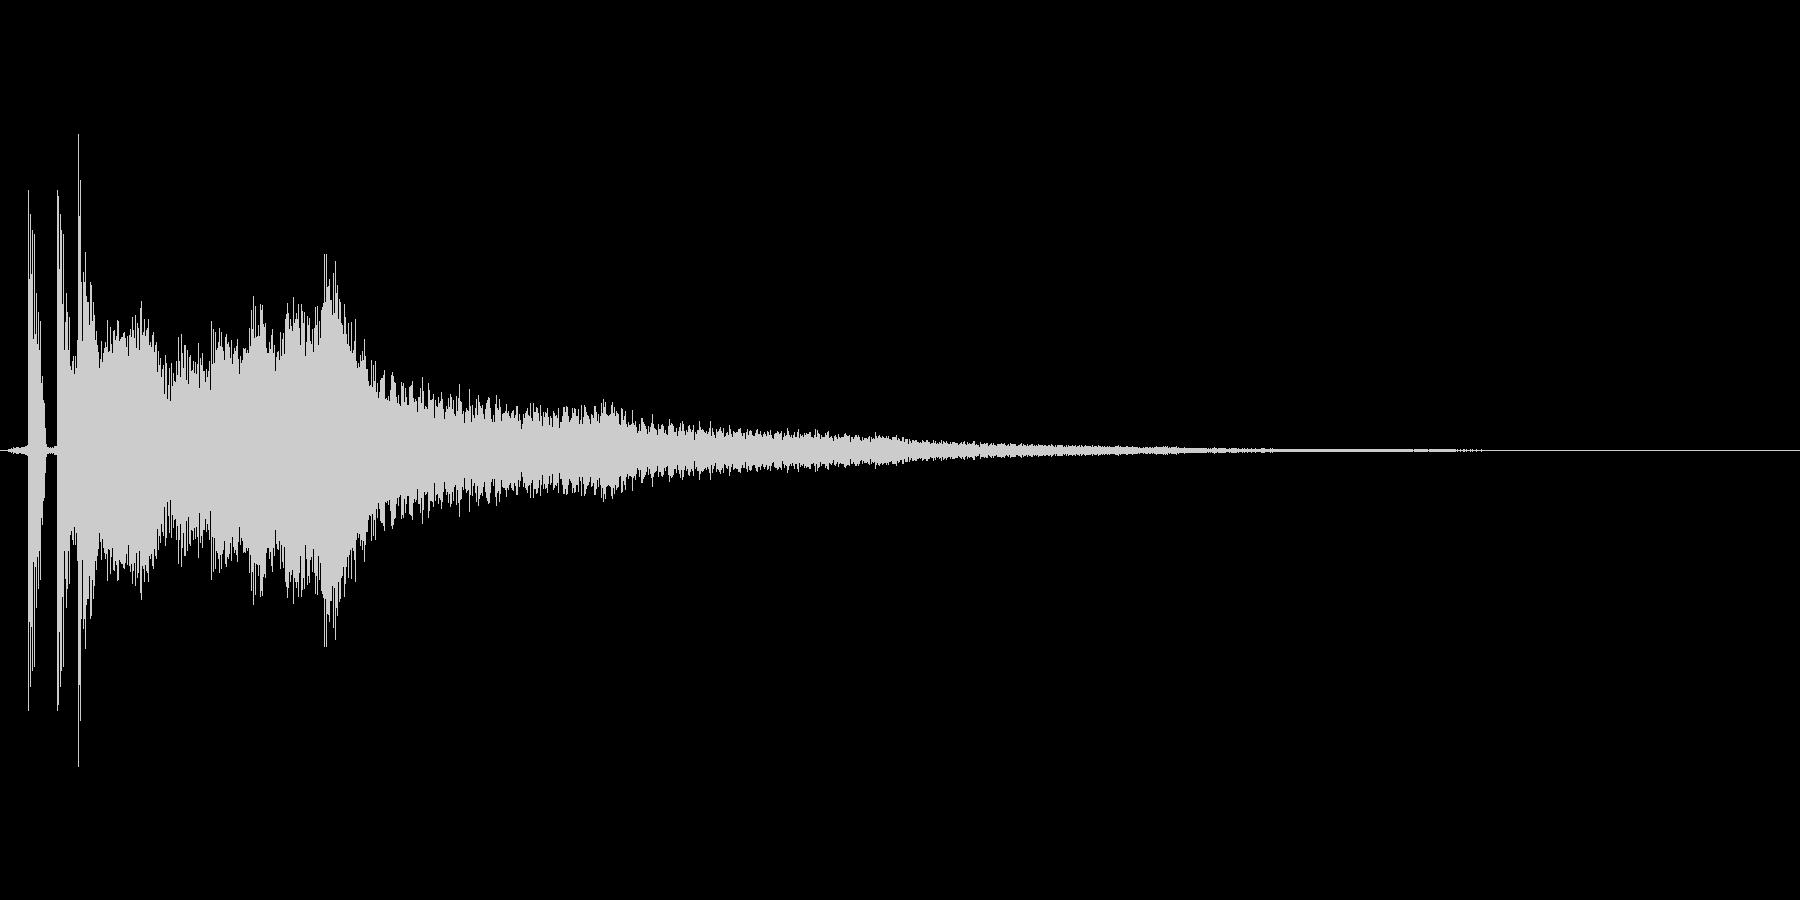 「ポンッキラーン」の未再生の波形